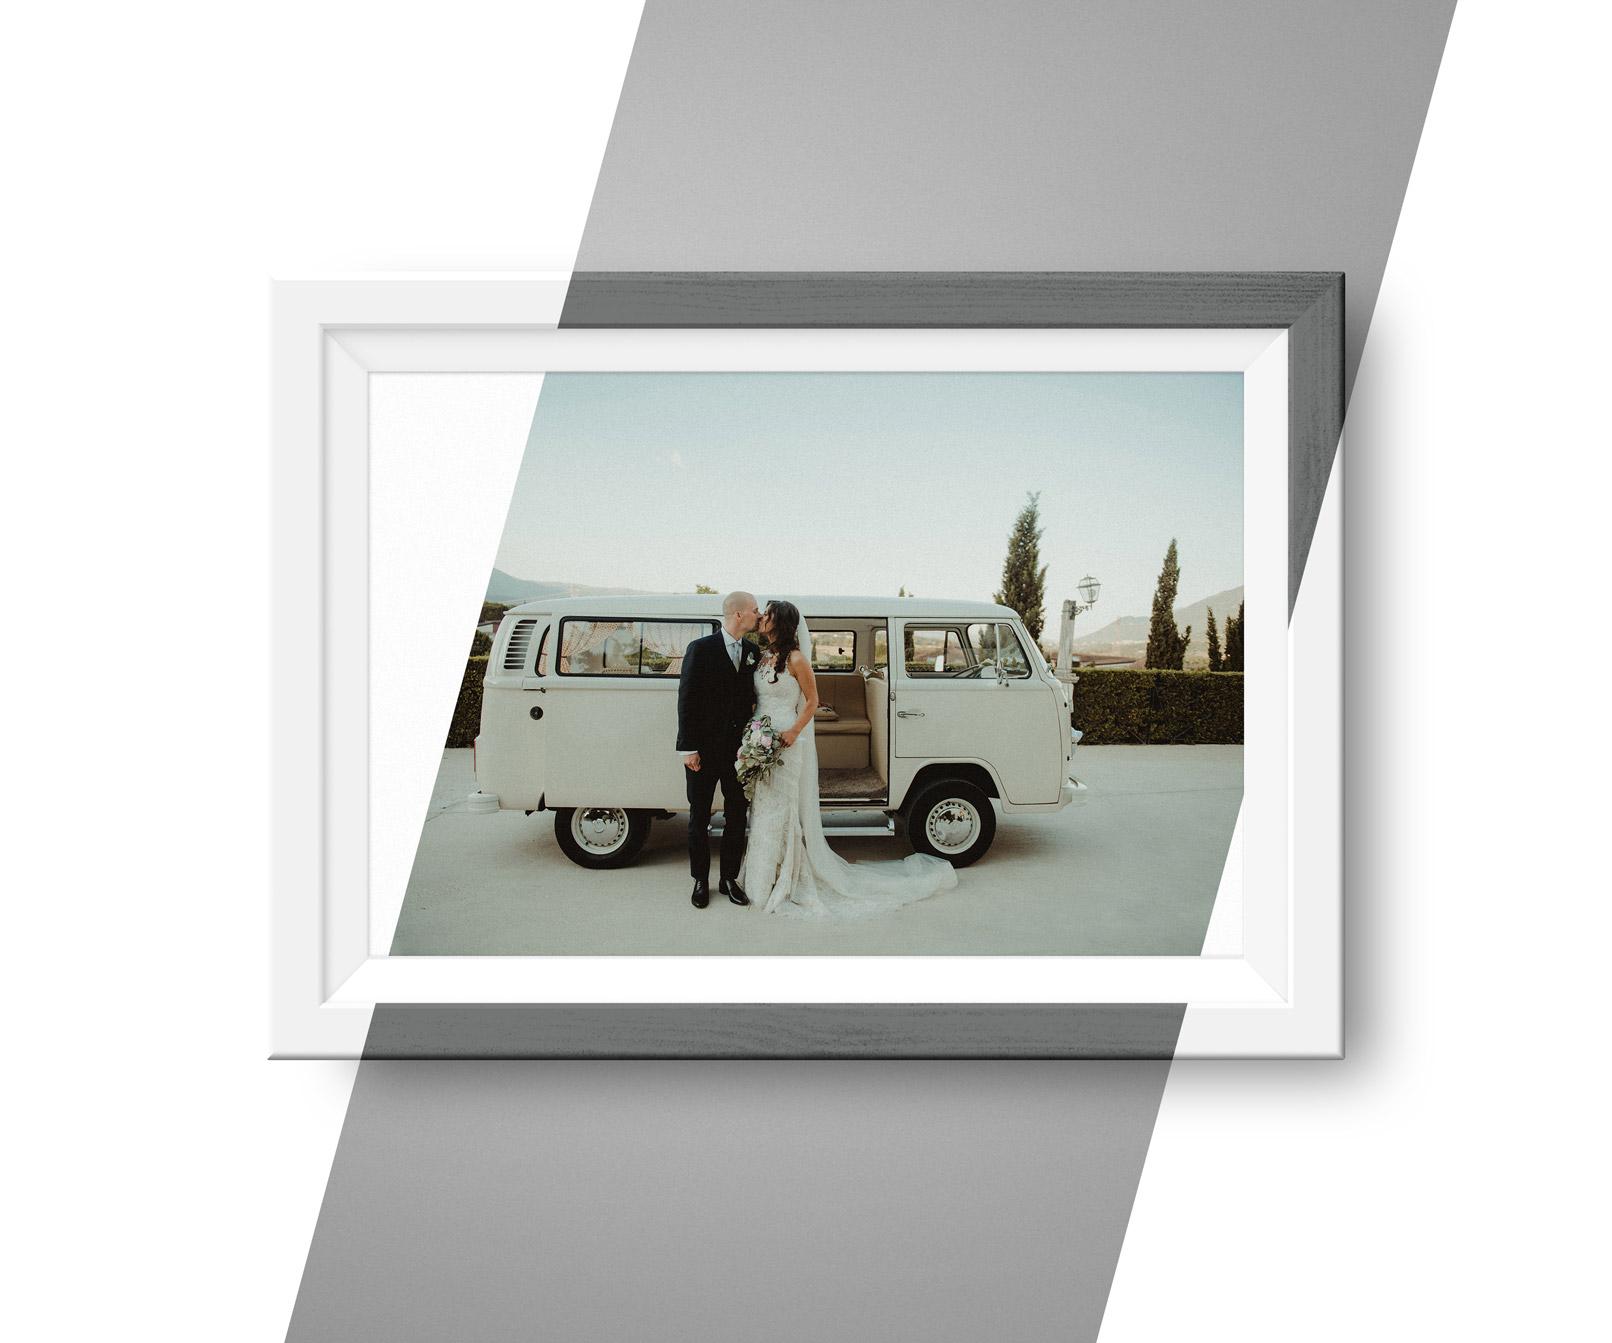 Hochzeitsfoto in einem Bilderrahmen, wobei zwischen Schwarz und Weiß gewählt werden kann